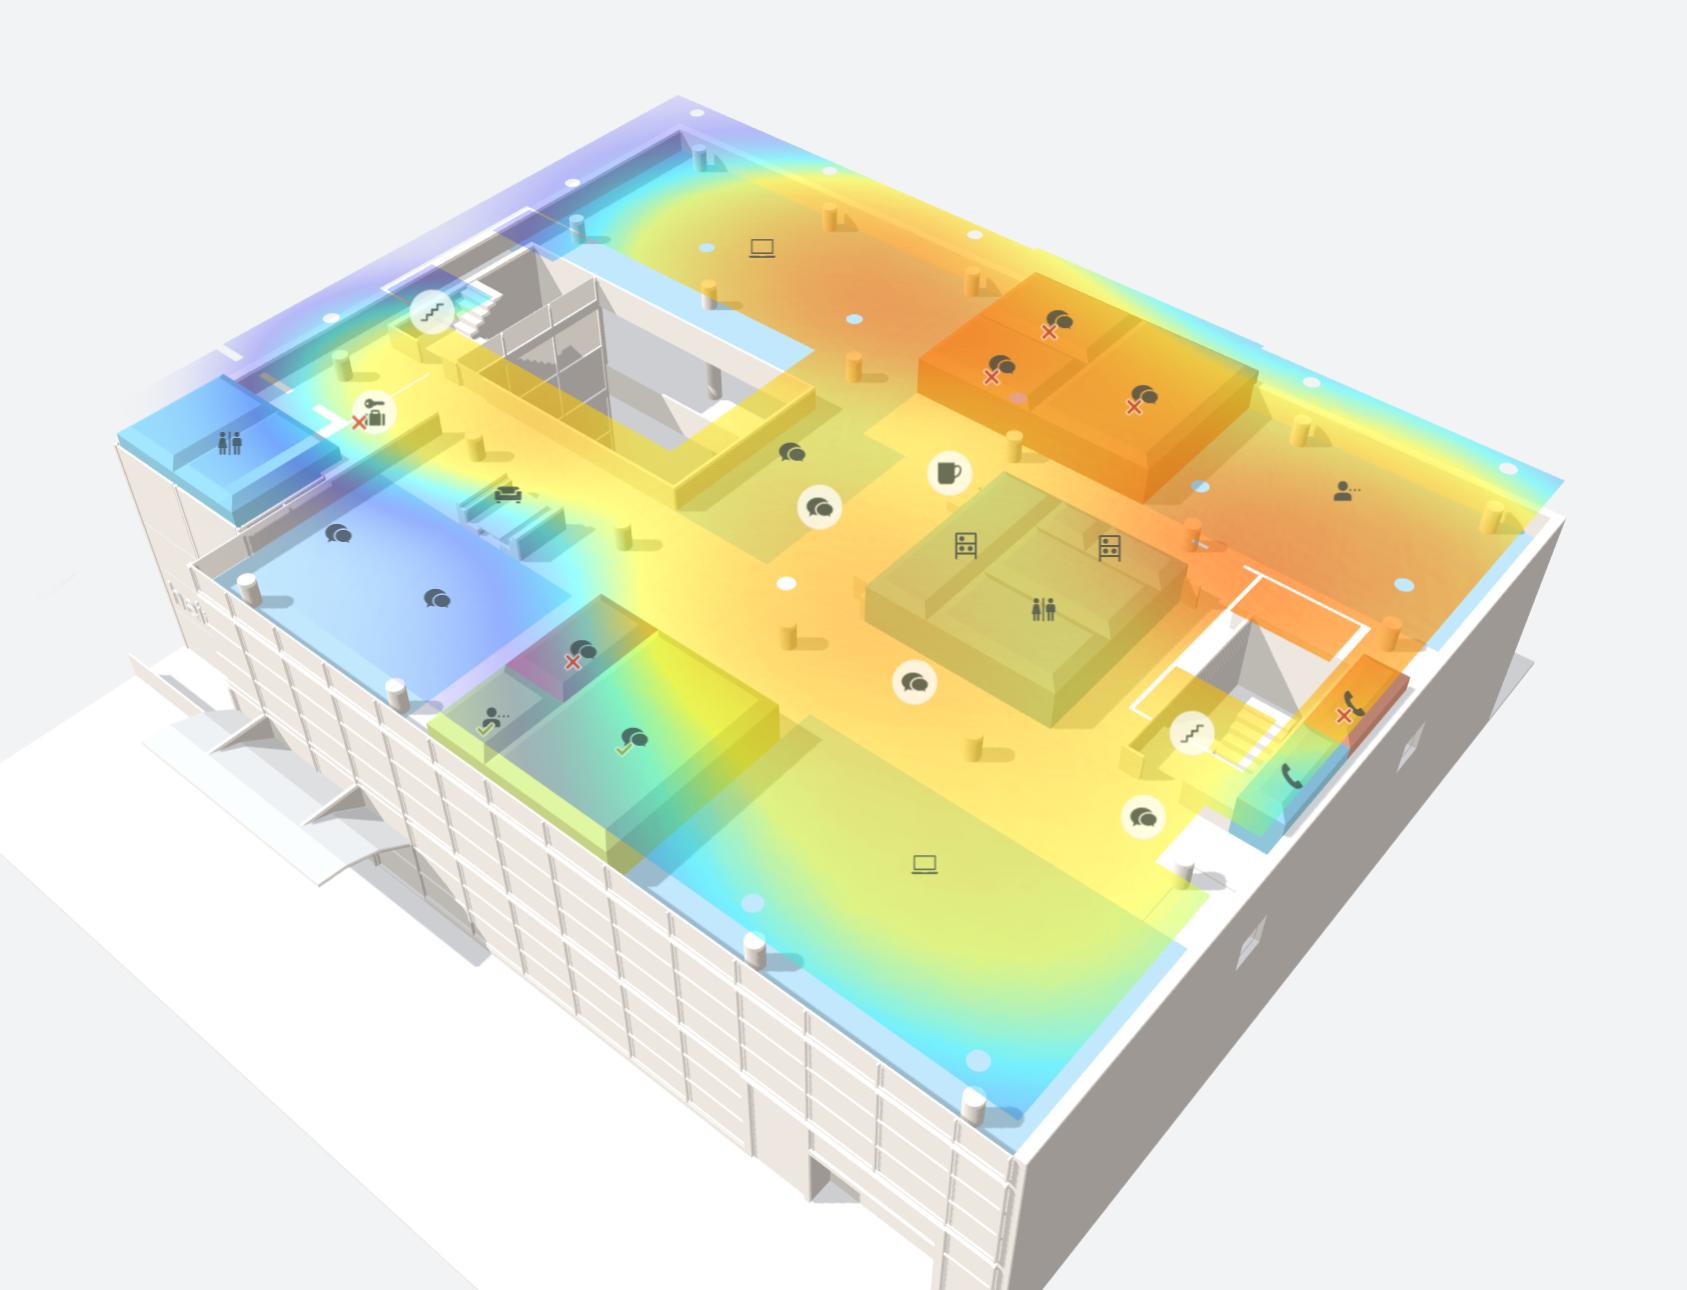 Building heatmaps